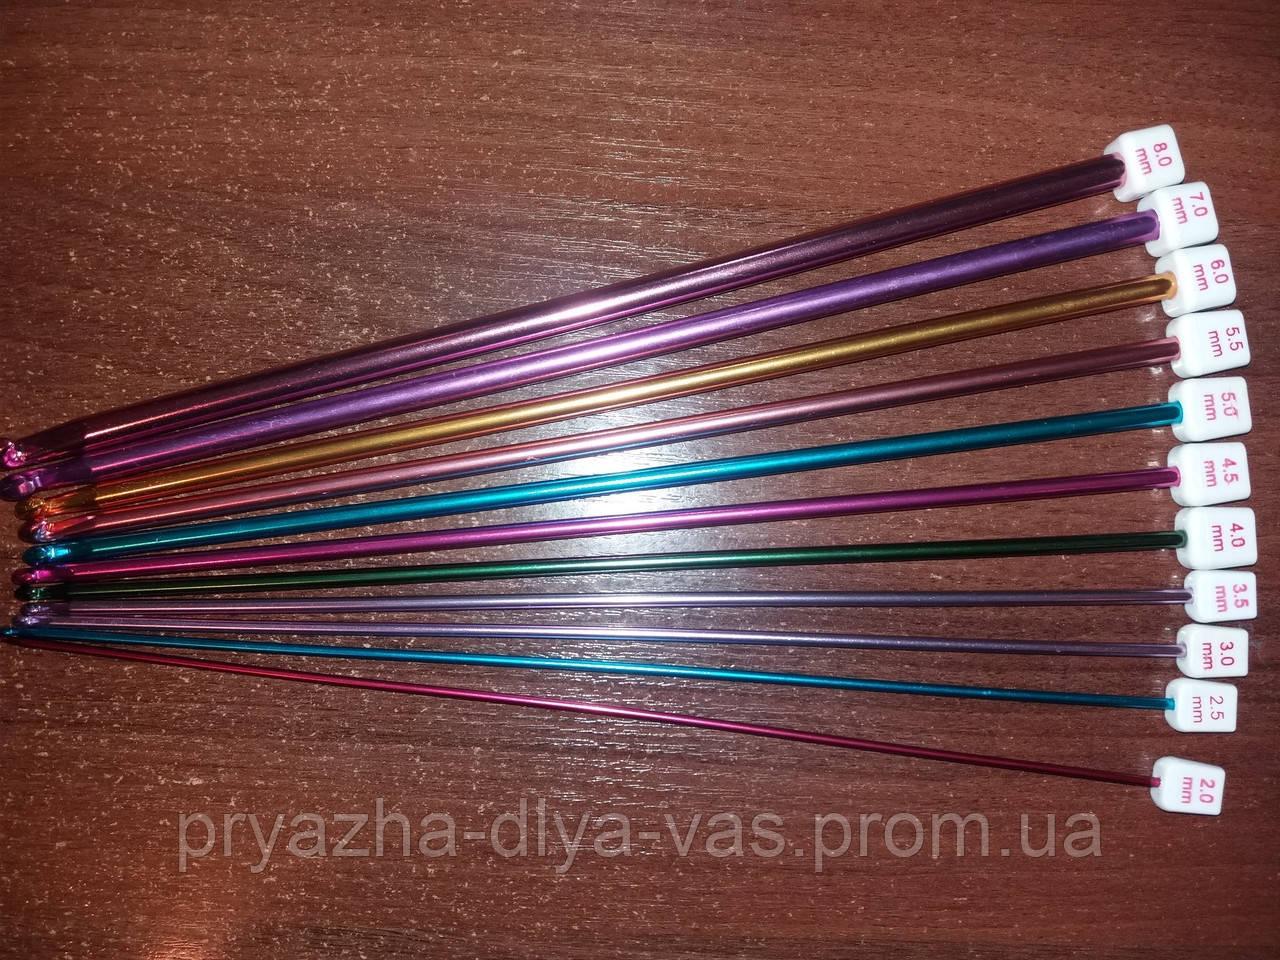 Крючок для тунисского вязания алюминиевый №3.5